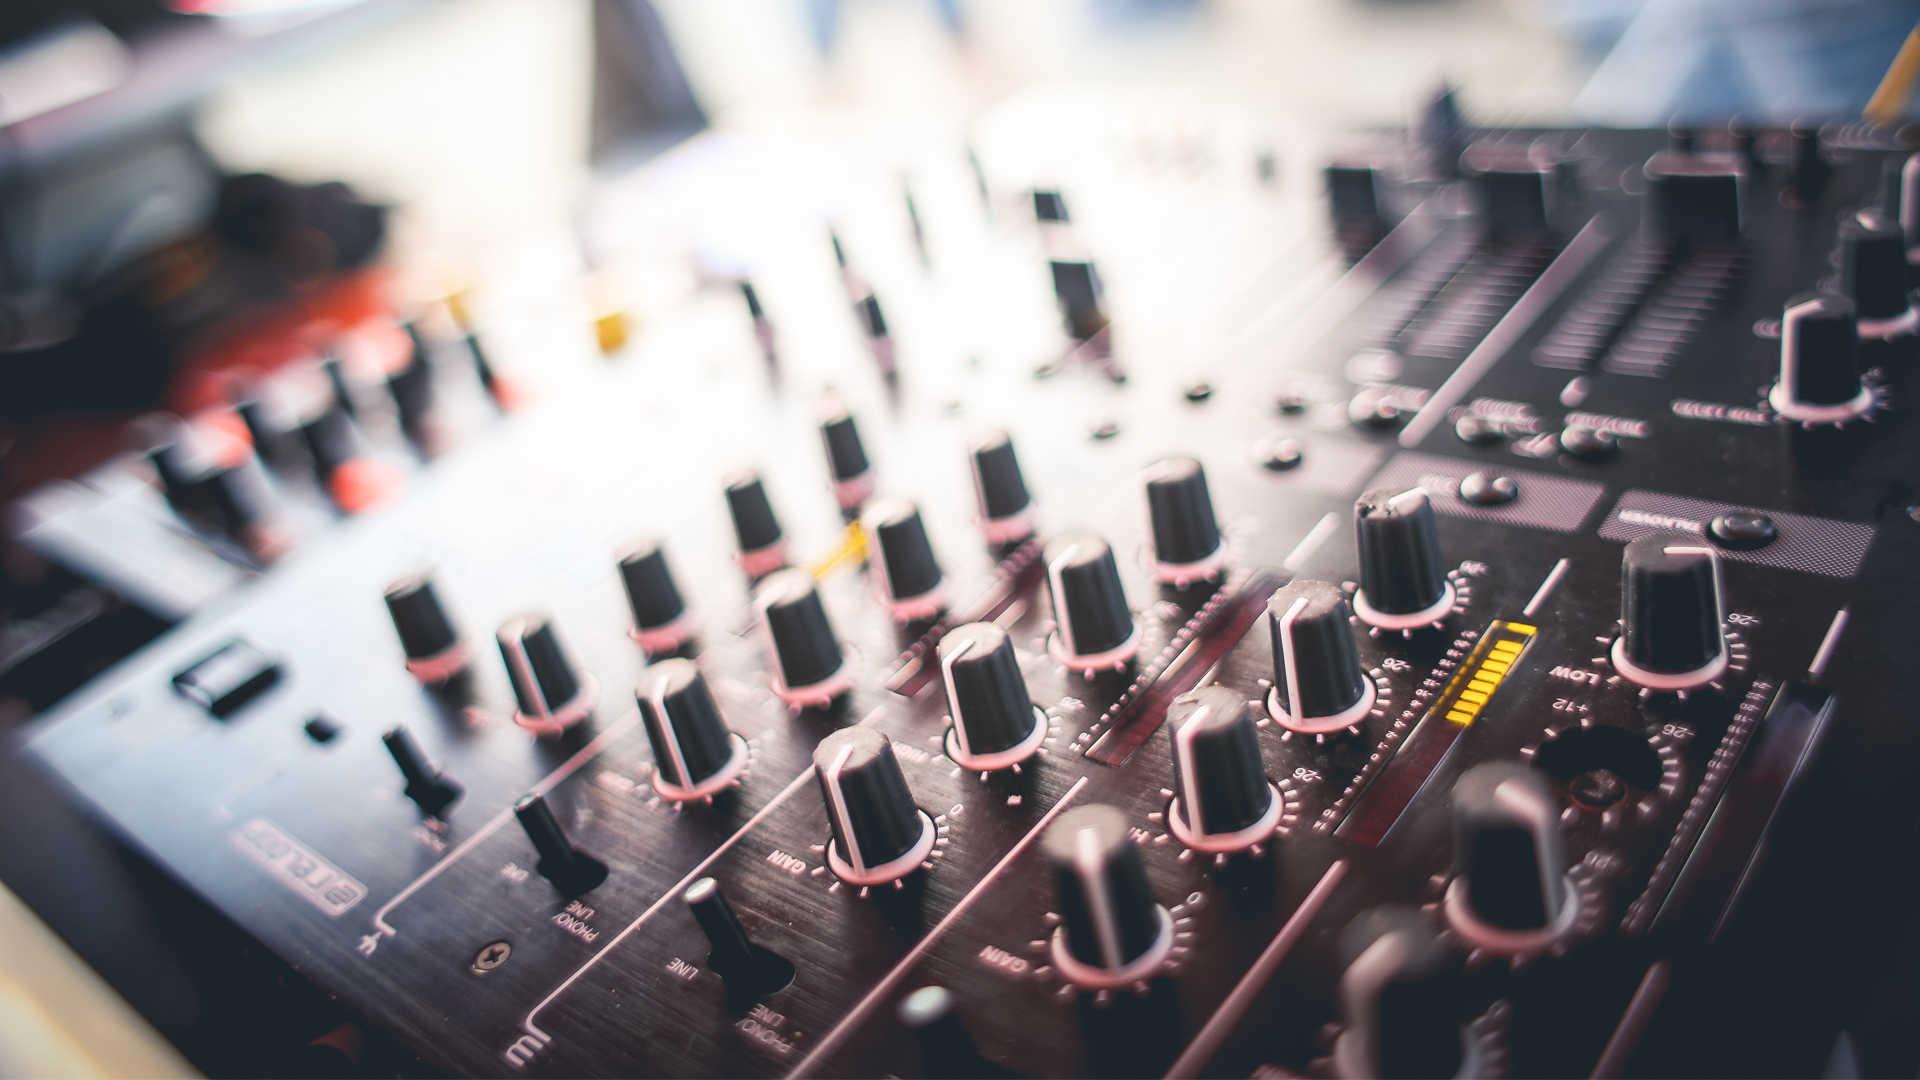 Download now Music Mixer DJ Studio HD Wallpaper hdwallwidecom Read 1920x1080